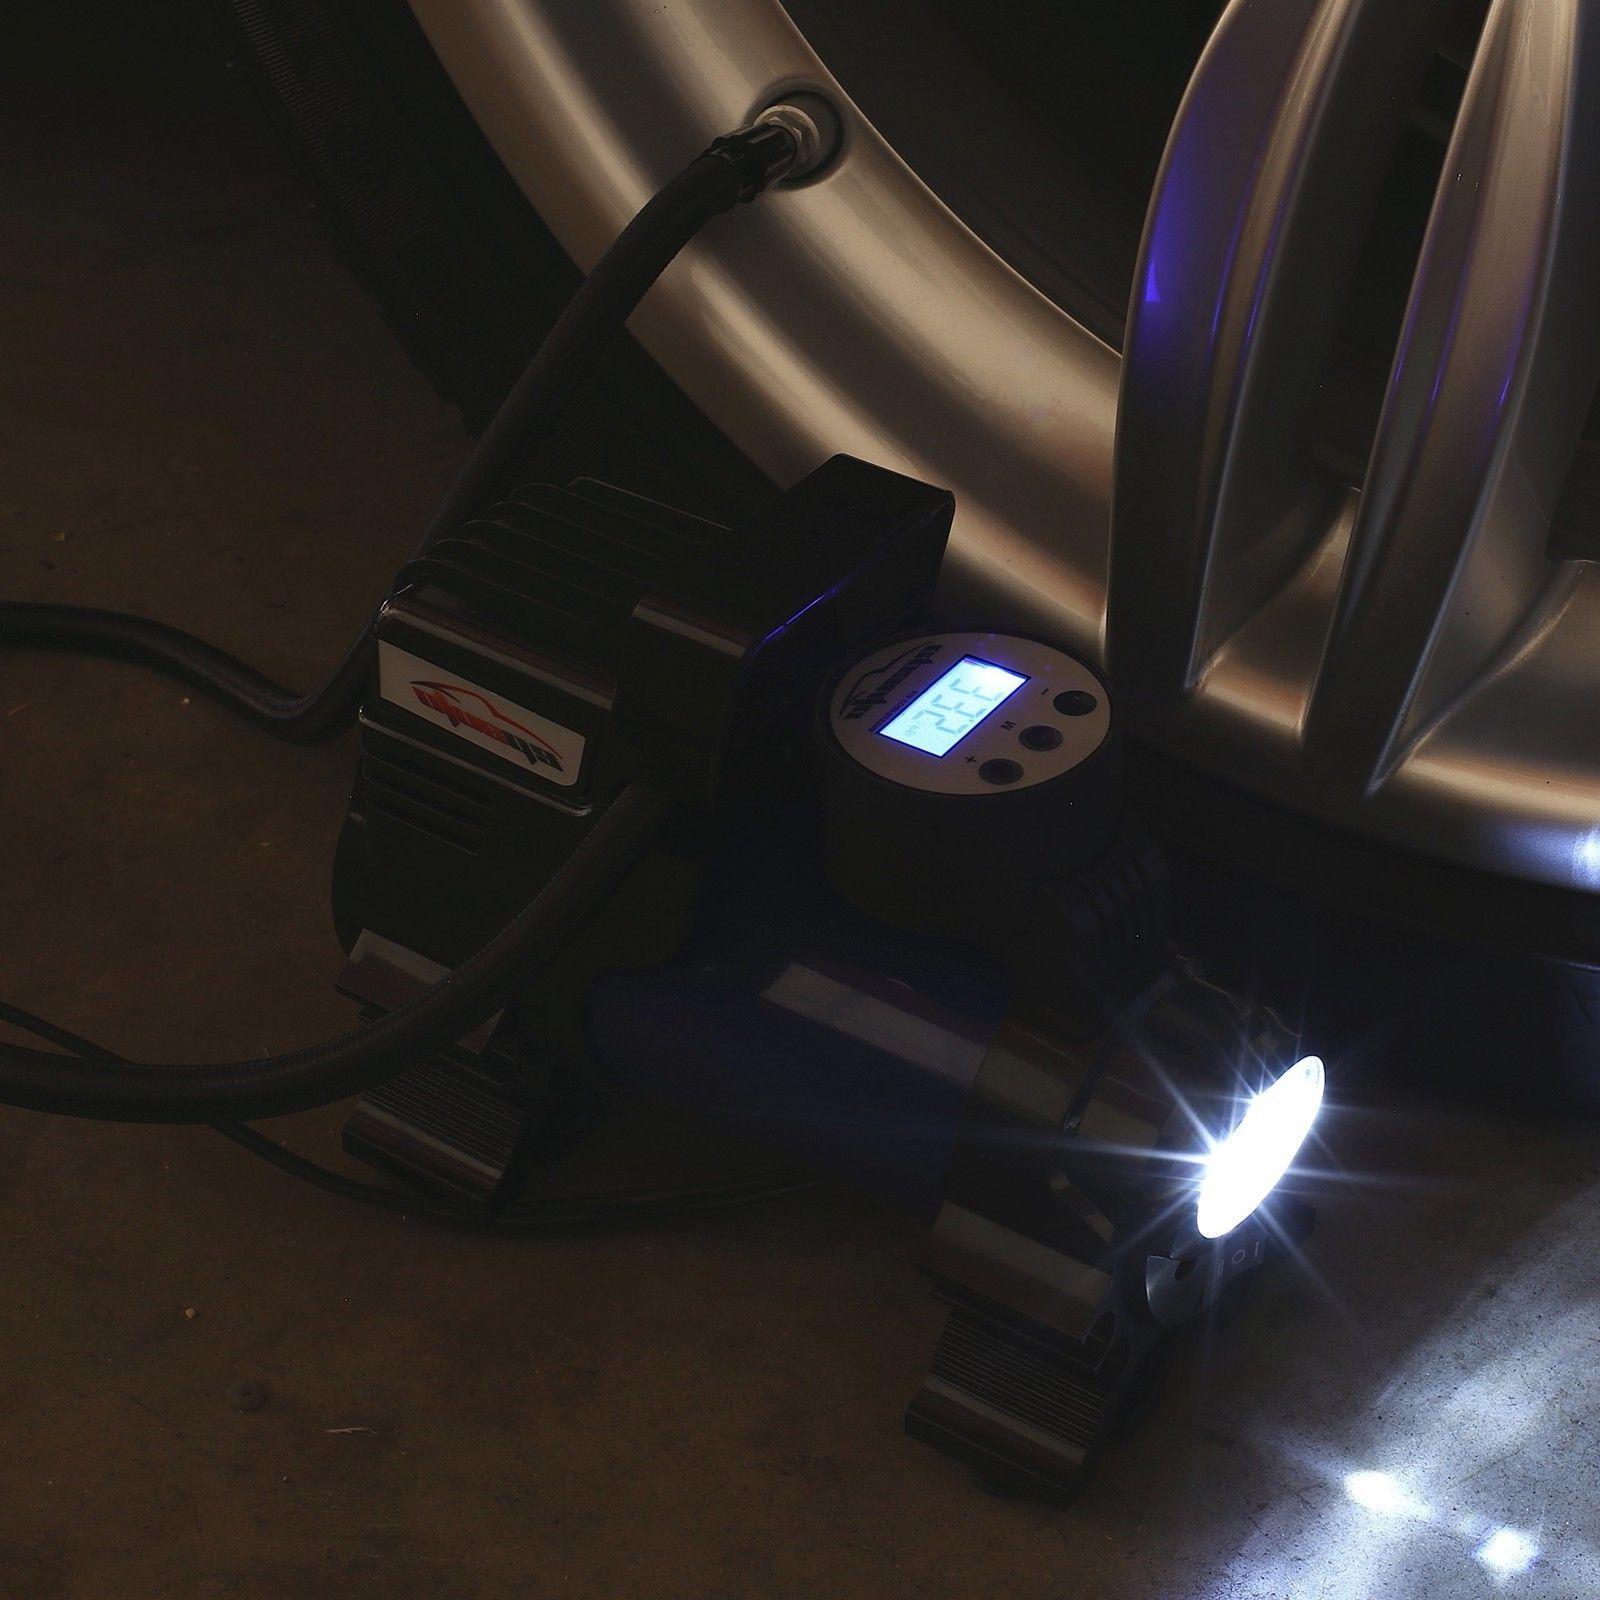 12V Air Digital Tire Flashlight For